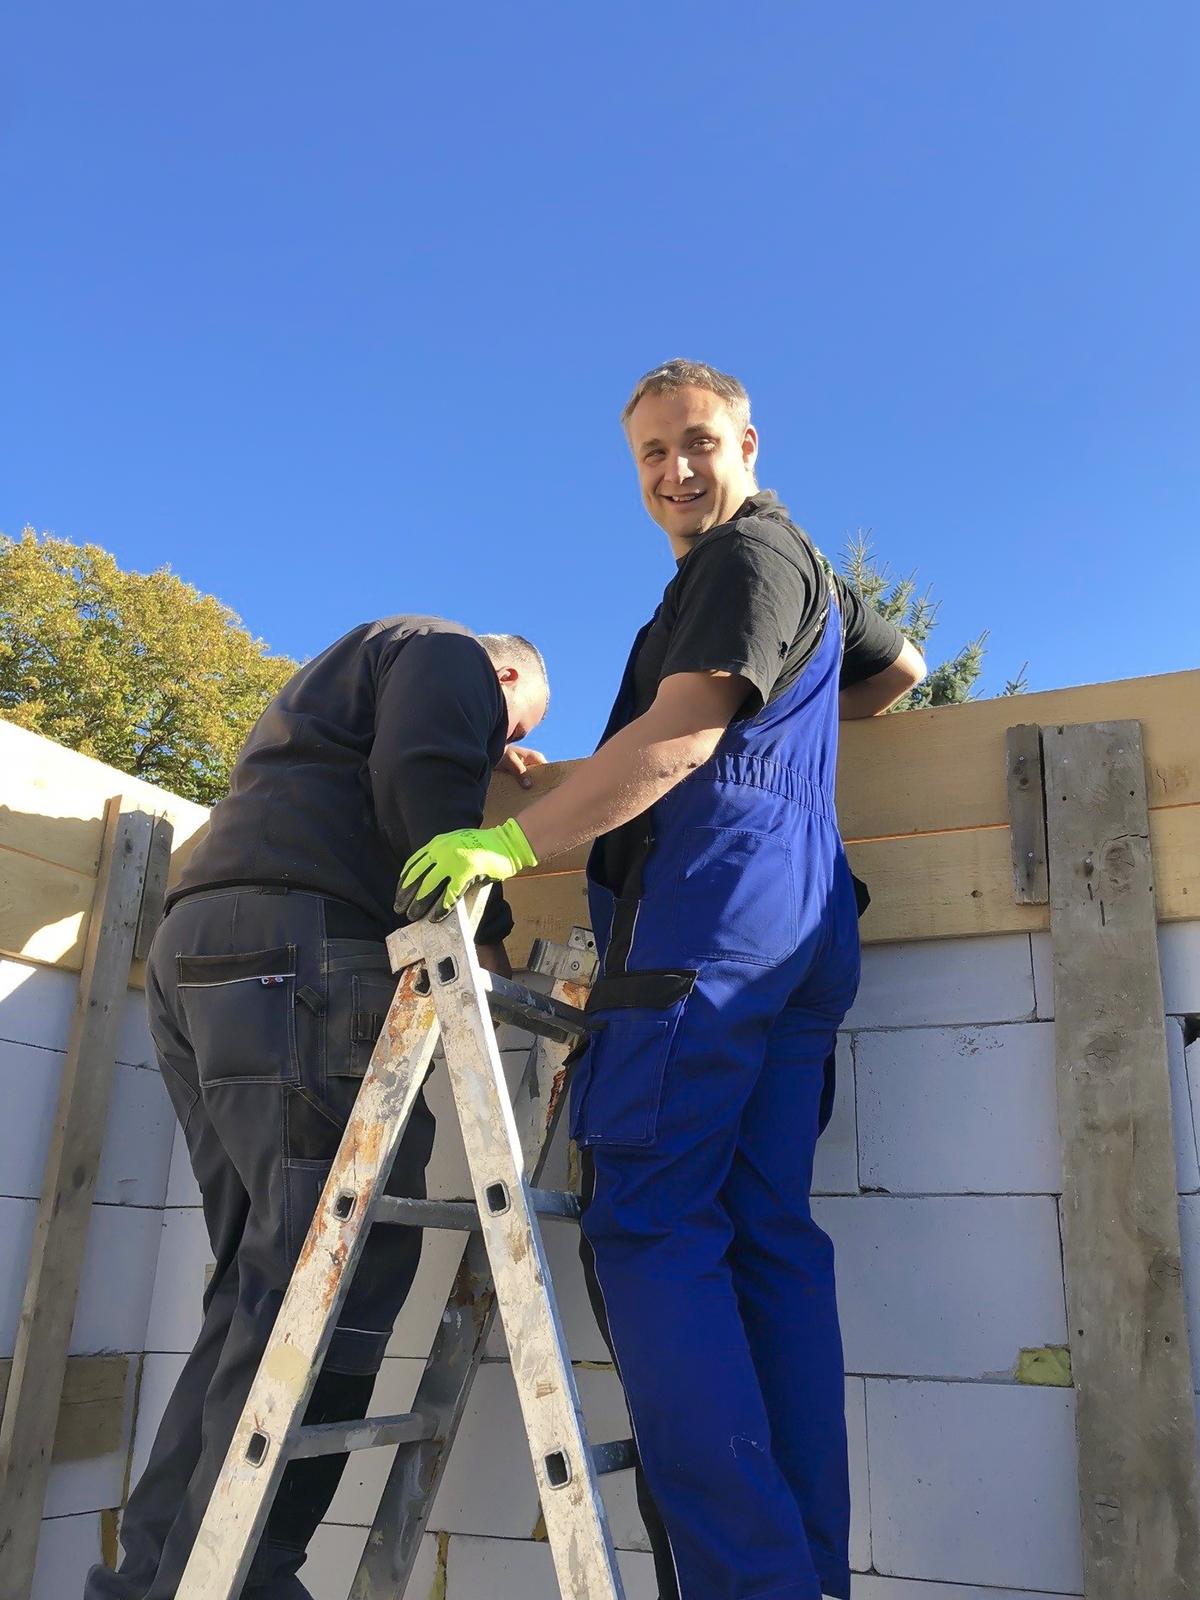 Người FPT Slovakia trong trang phục công nhân xây dựng, sử dụng các công cụ lao động để góp sức cho trẻ em được sống trong sự an toàn.